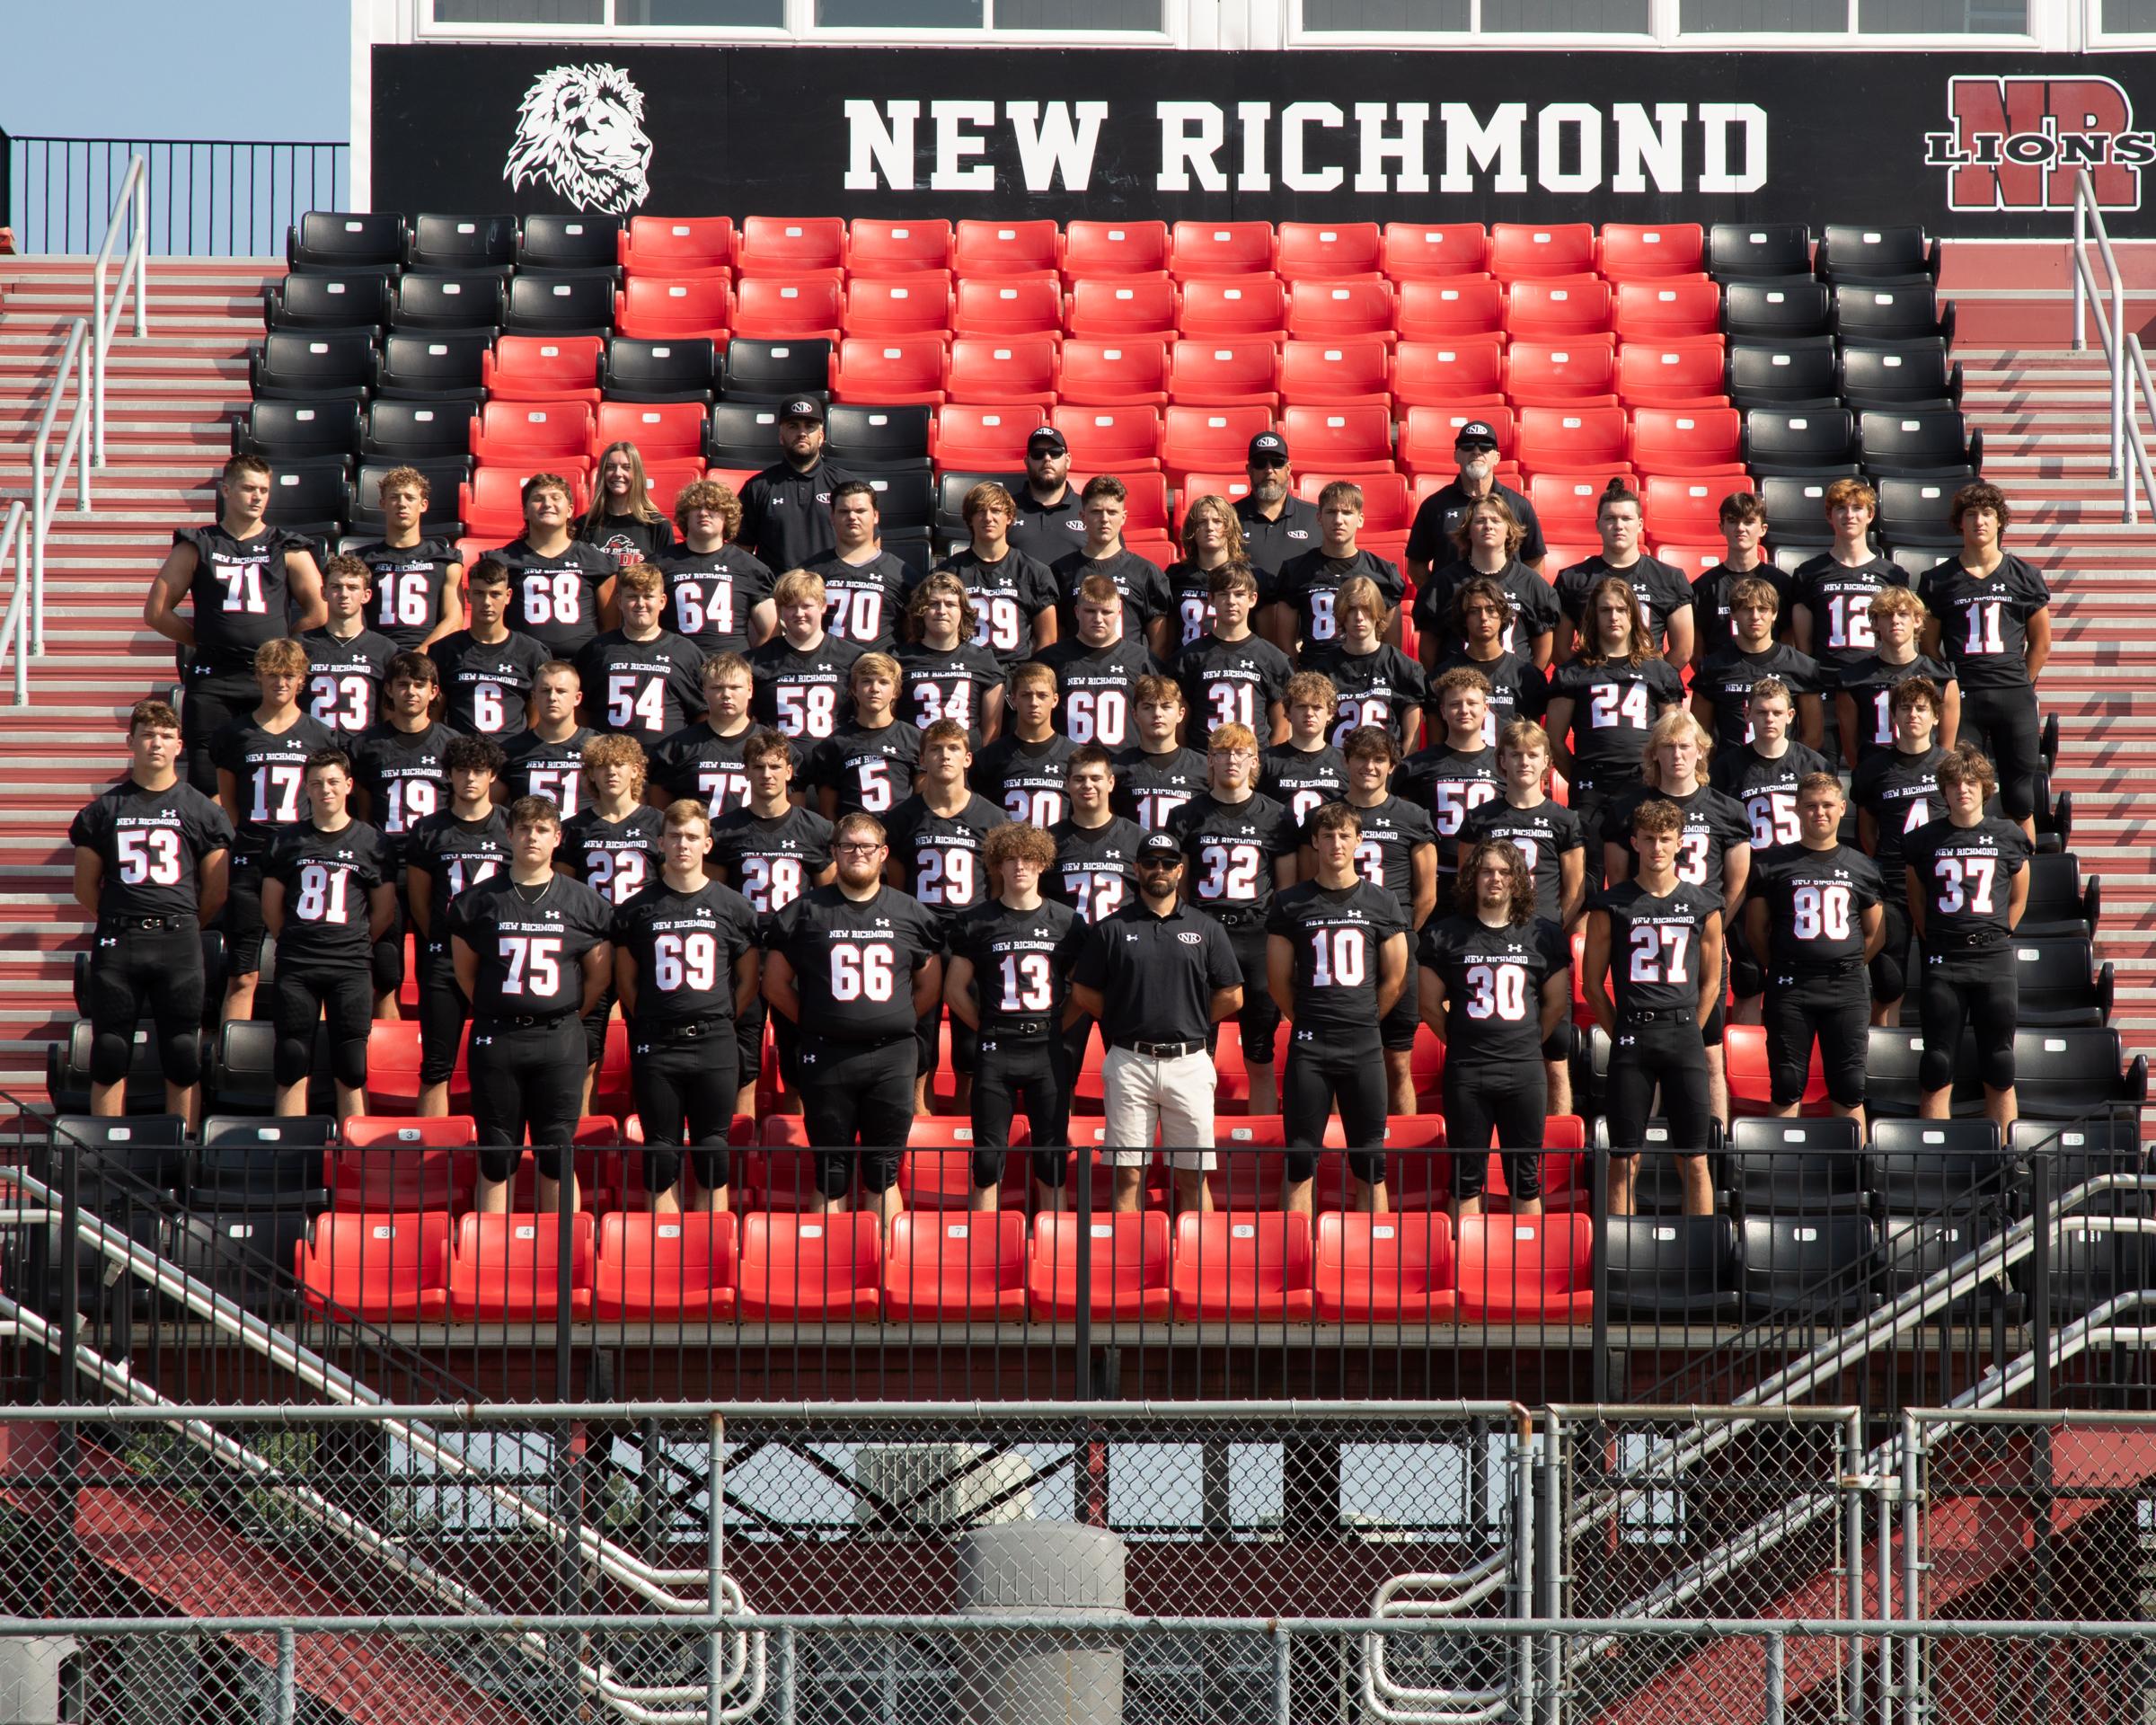 2021 NRHS Football Team photo